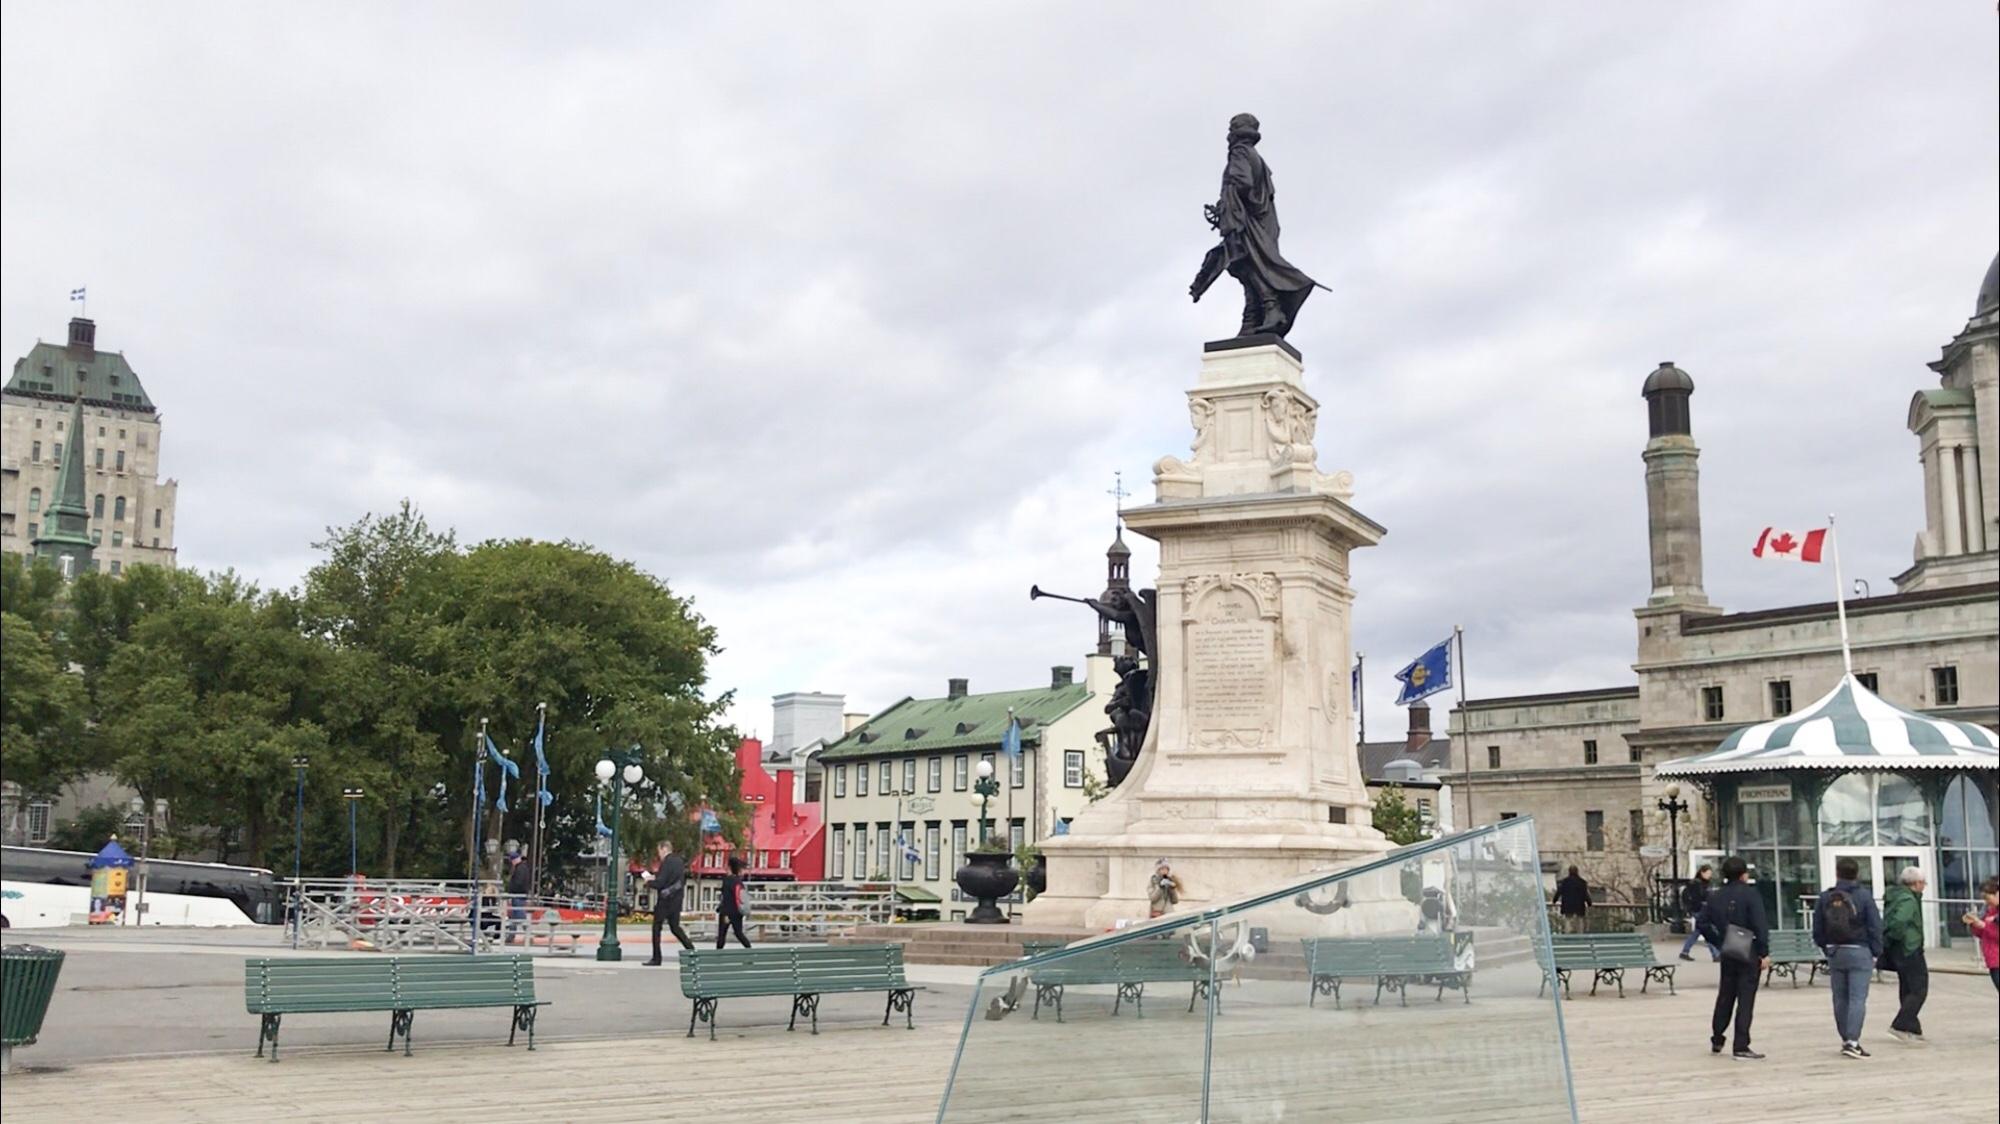 ケベックシティ オールドケベックの観光おすすめ ダルム広場